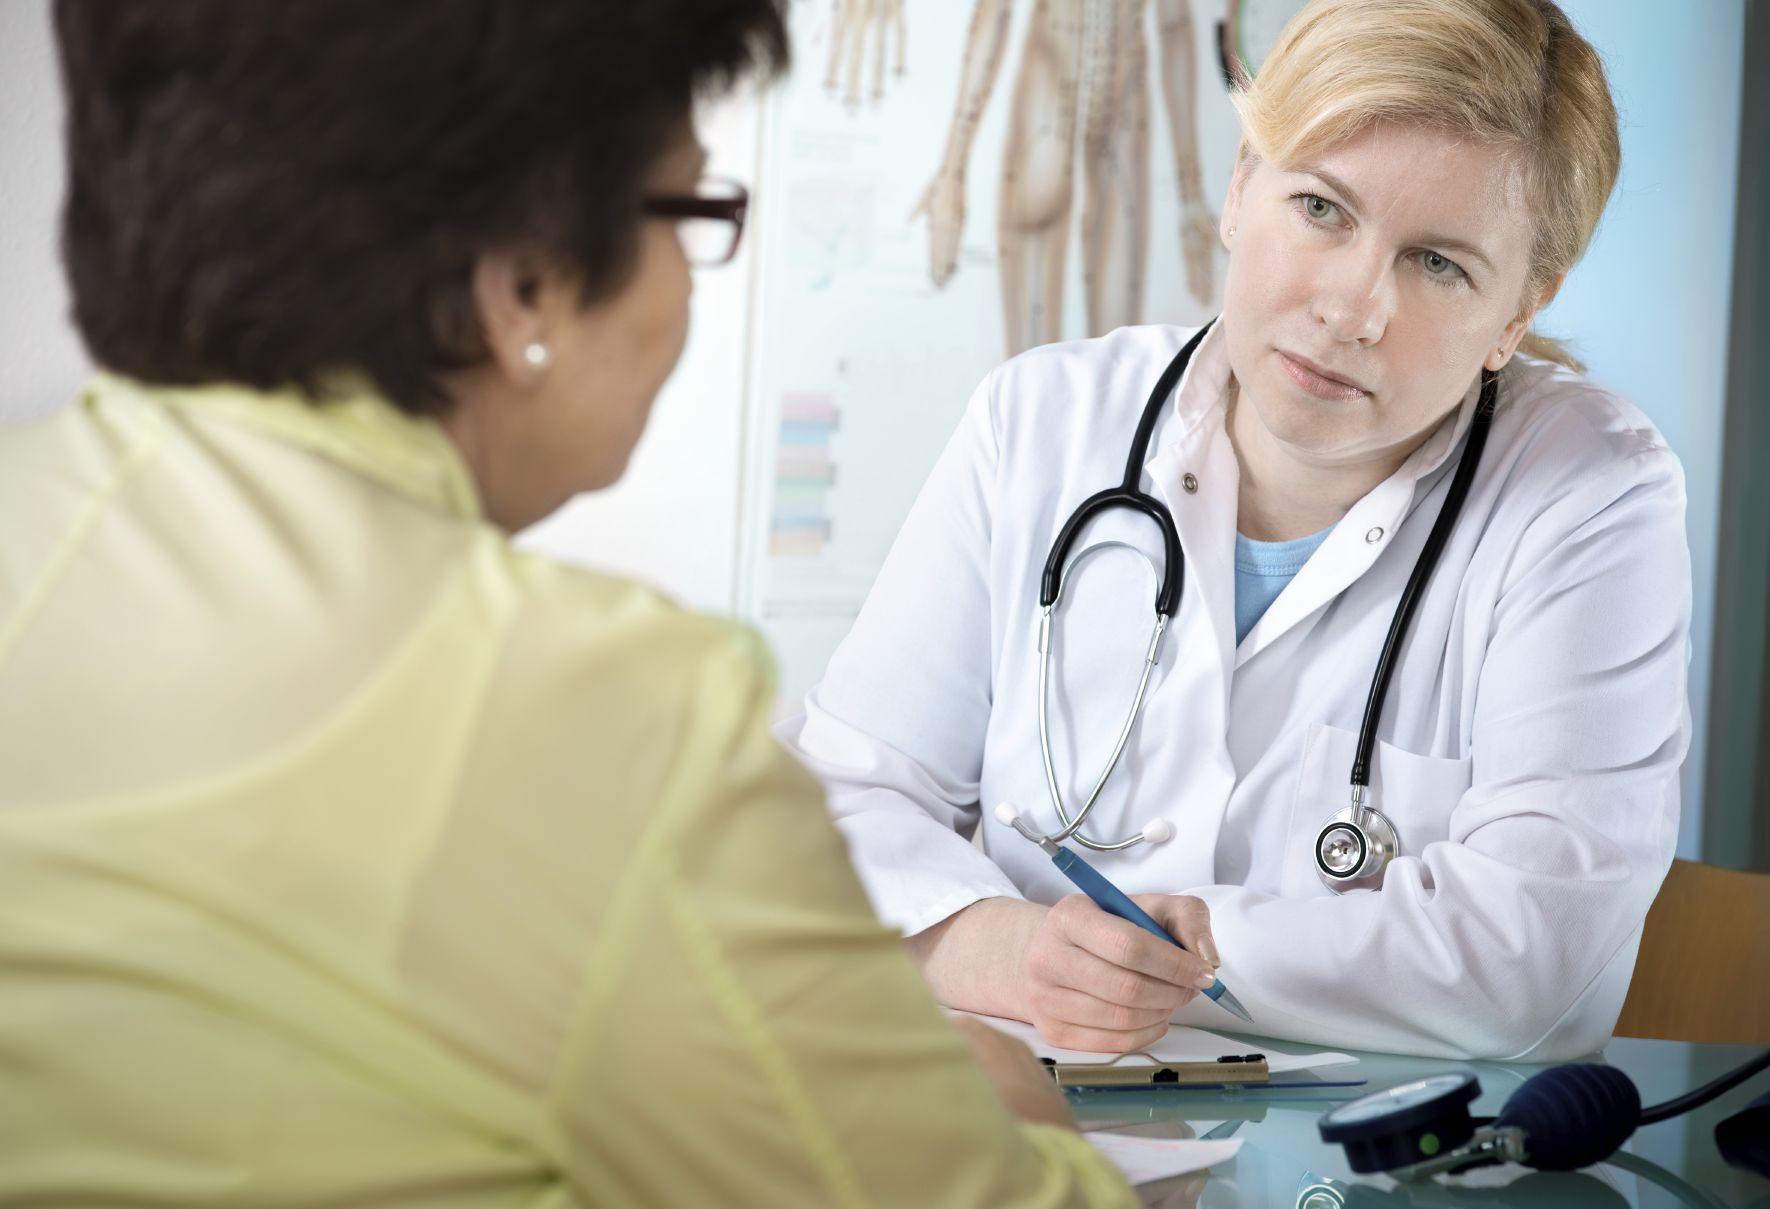 Отношения врач пациент 19 фотография